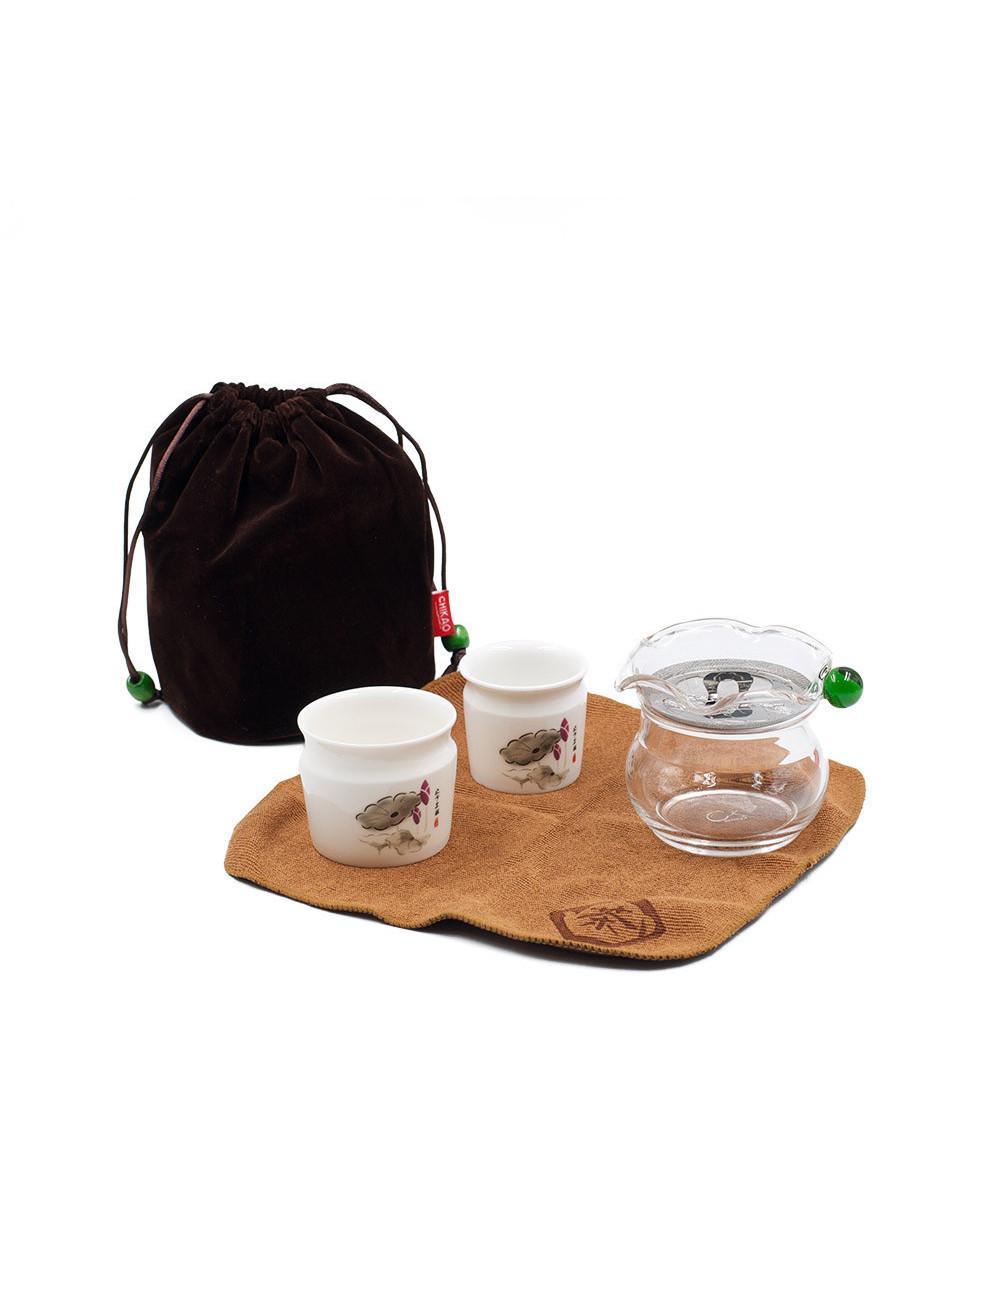 Set da tè da viaggio Poppy con piccola teiera in vetro e 2 ciotole in ceramica da 5 e 80 ml - La Pianta del Tè Store online